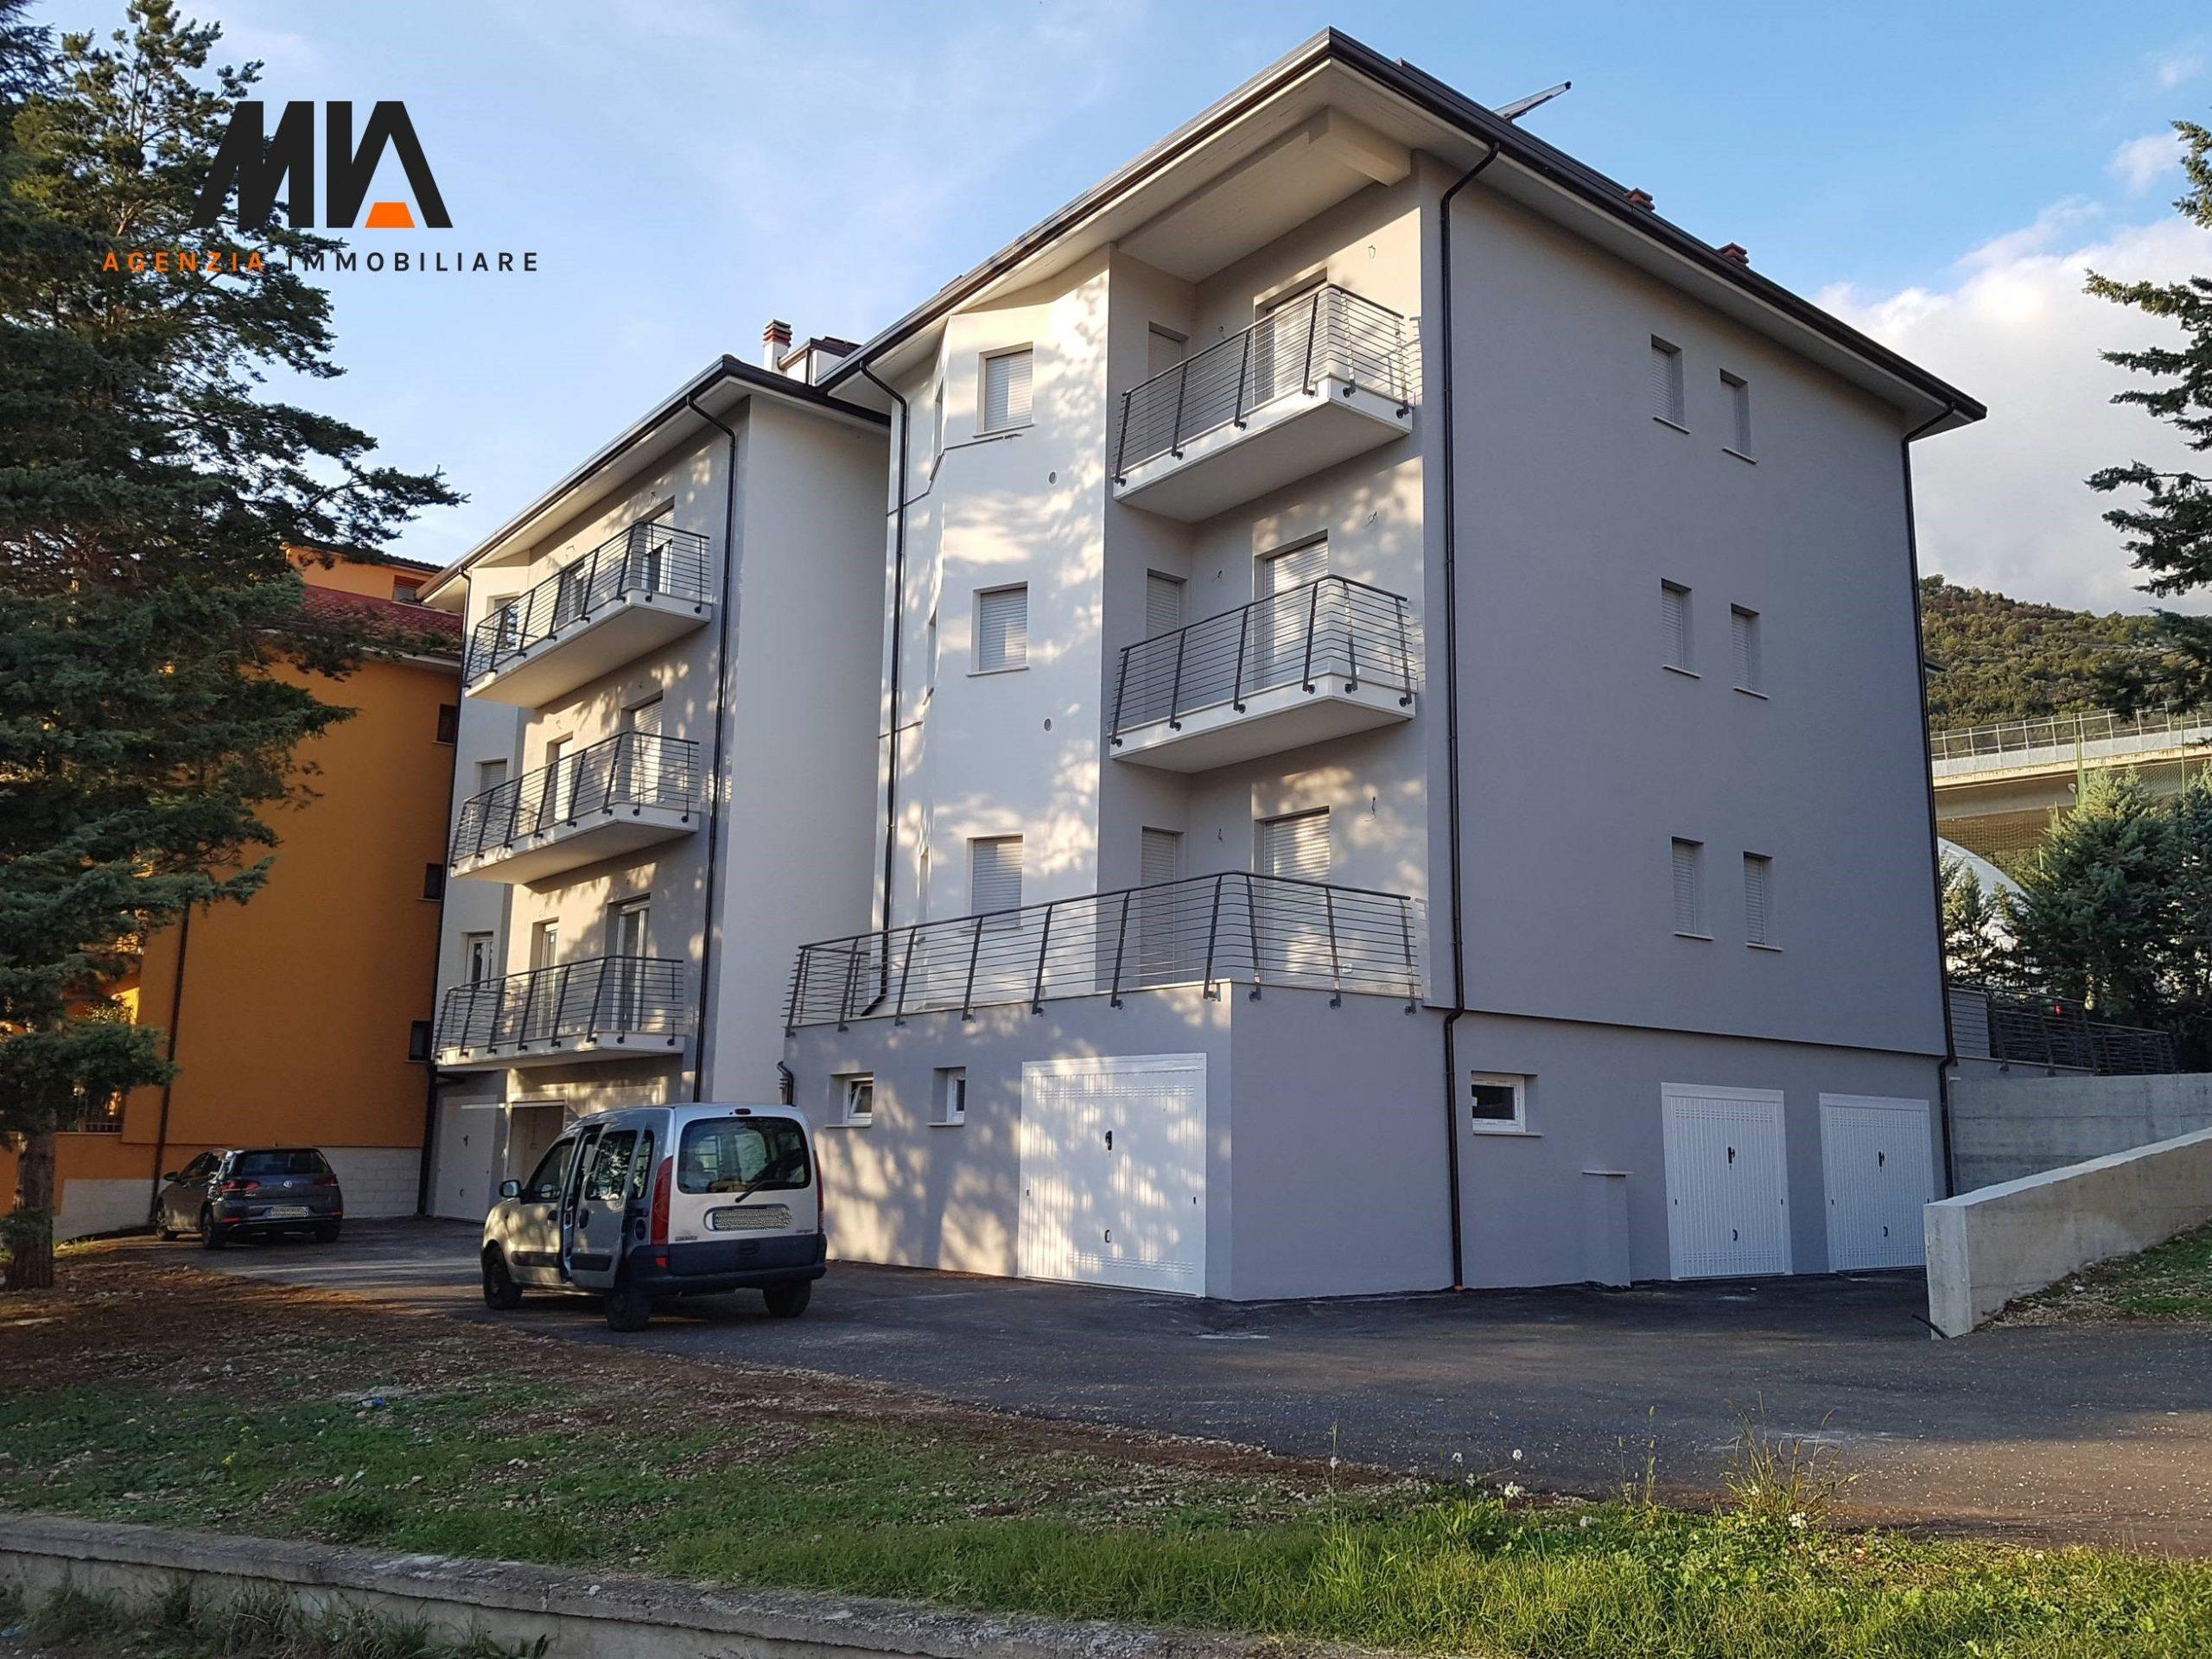 VENDITA: Appartamento Nuova Costruzione 100mq Zona San Sisto